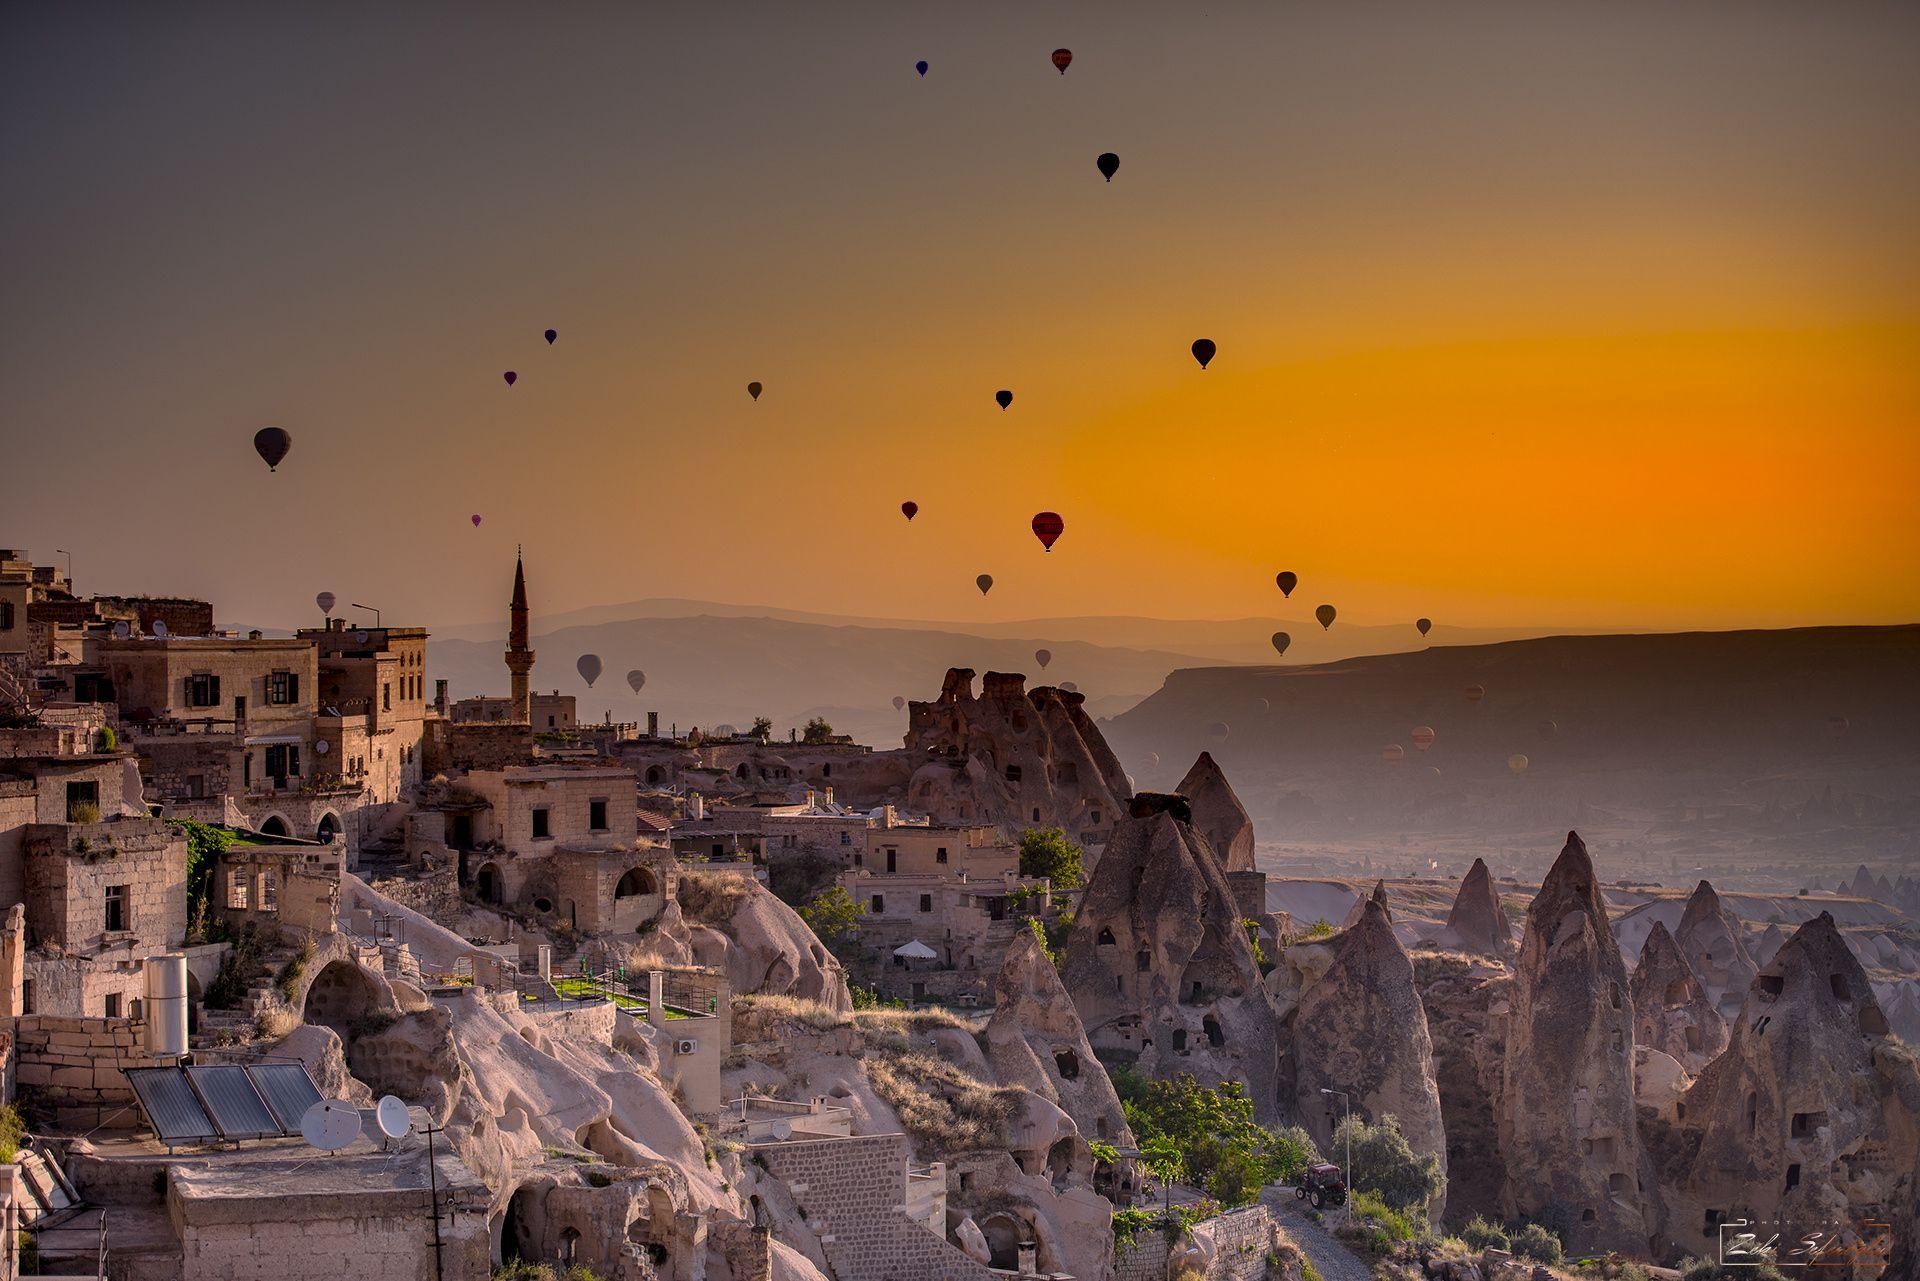 The City of God 2 - Uçhisar Turkey